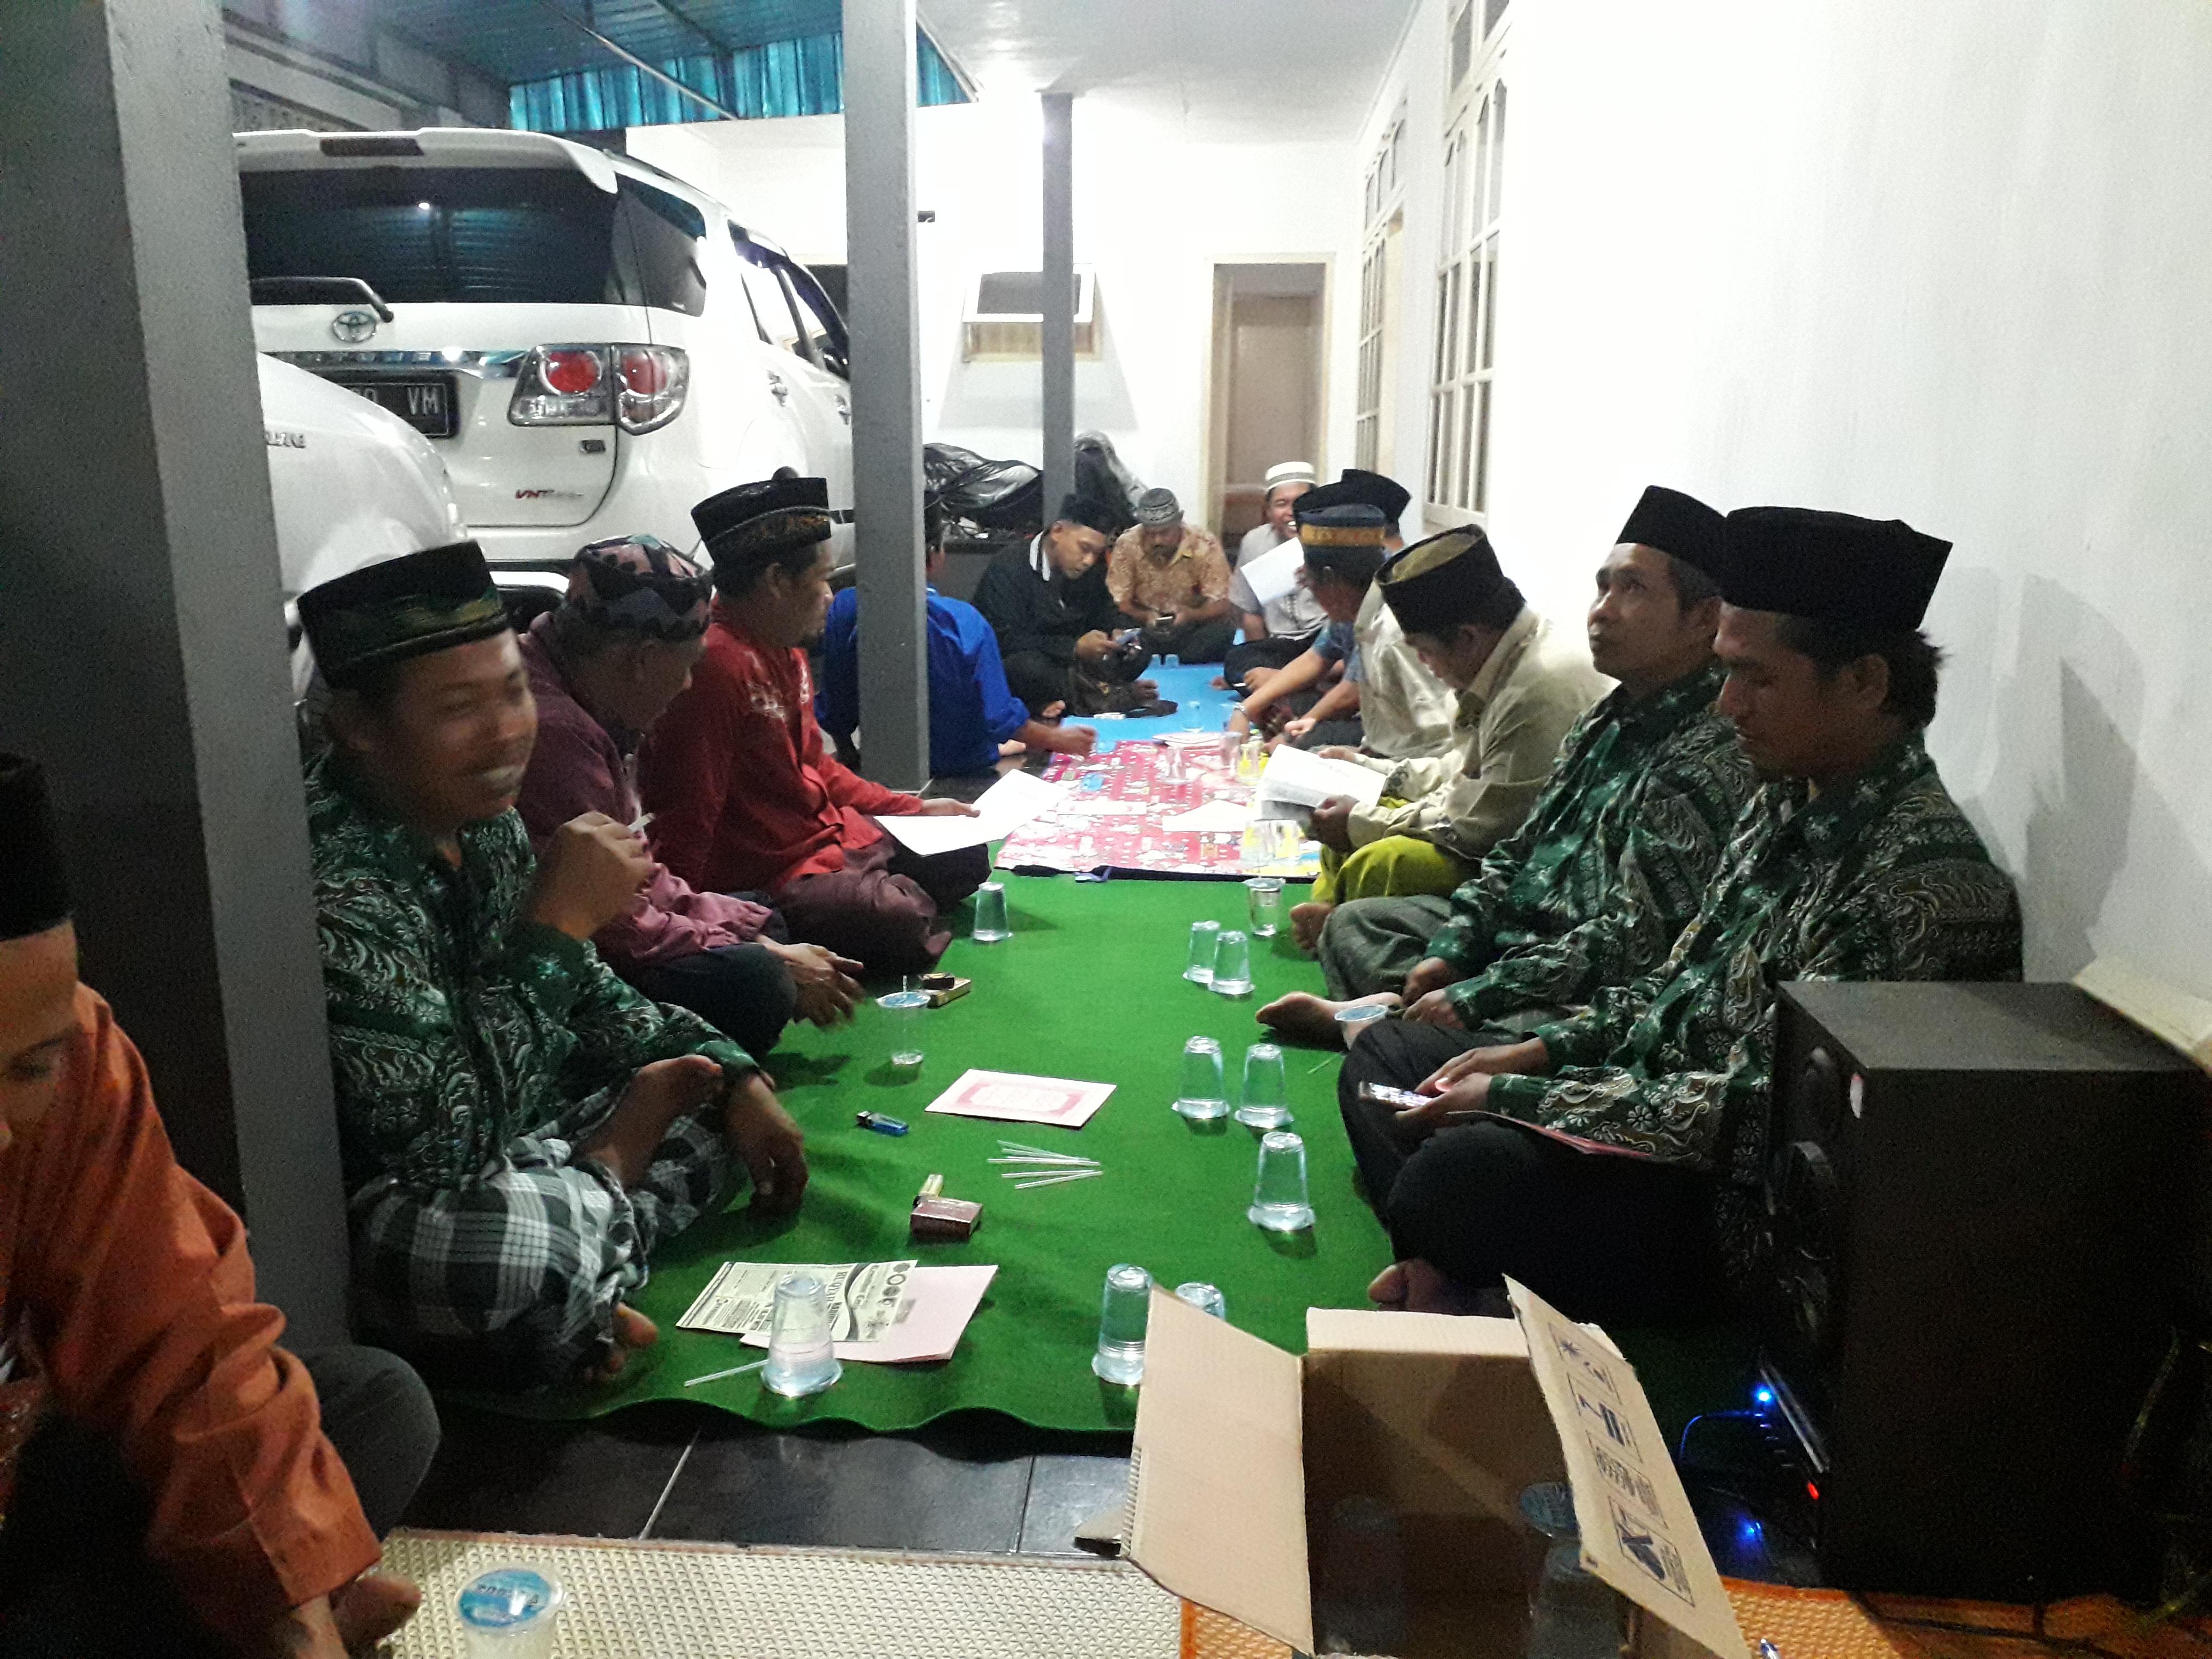 Sambut Ramadhan, MWC NU Blahbatuh Adakan Pembentukan Masal Ranting